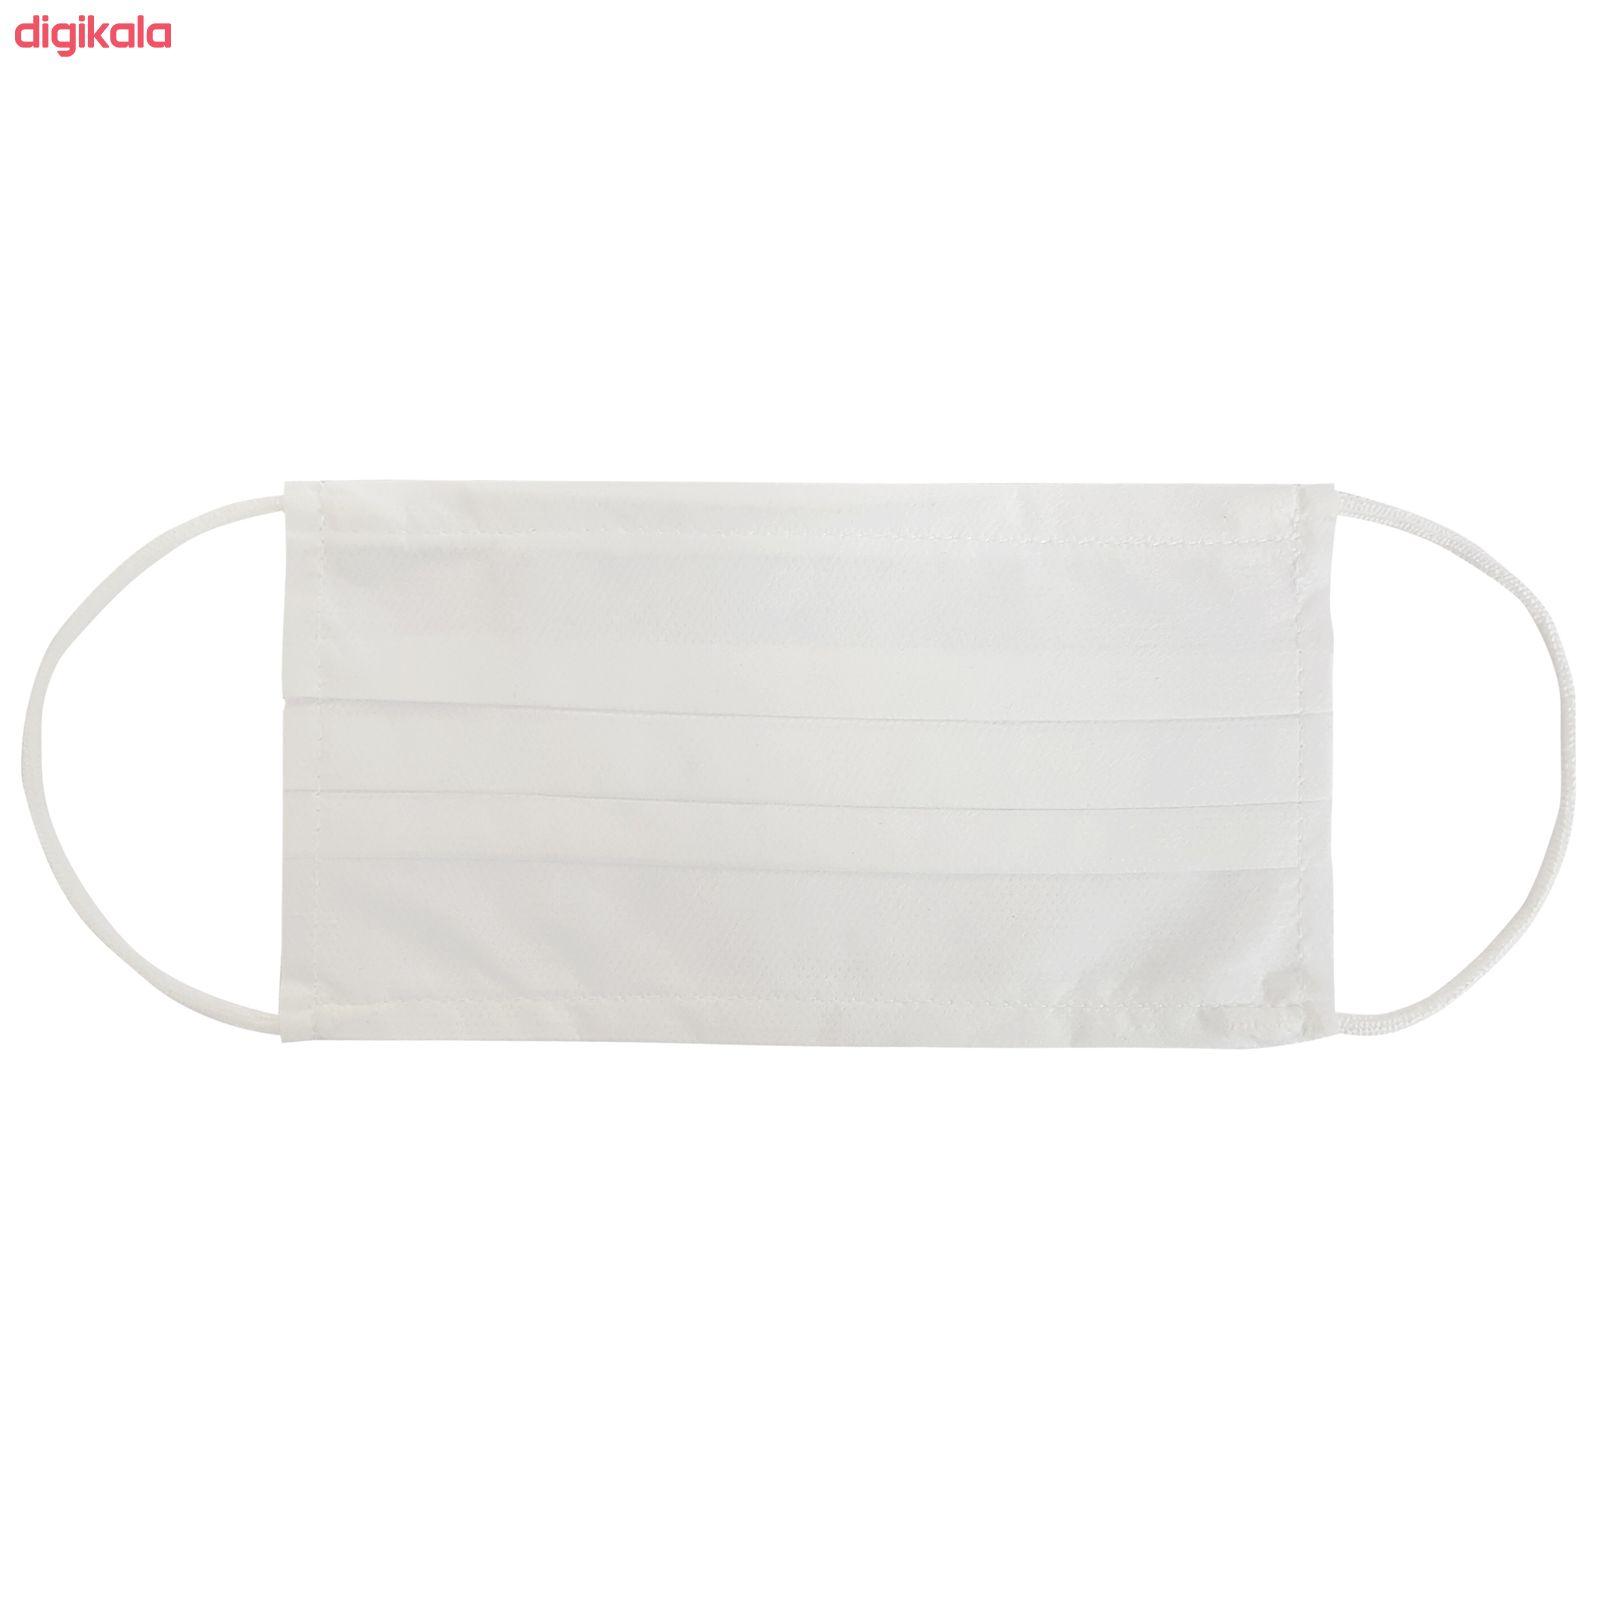 ماسک تنفسی مدل SSMMS-4 بسته 50 عددی main 1 1